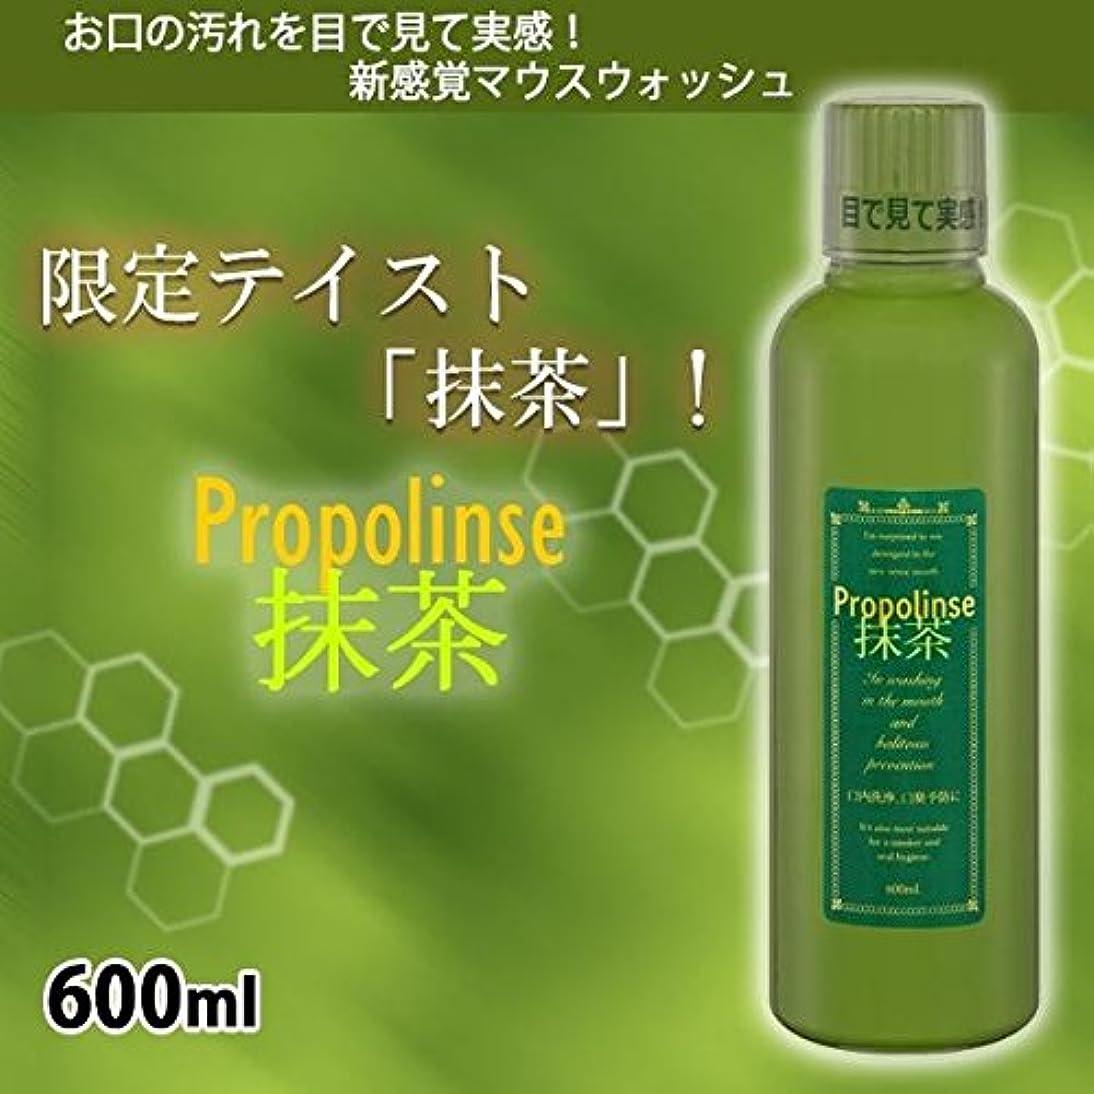 テスピアン評価可能一見プロポリンス 抹茶 (マウスウォッシュ) 600ml